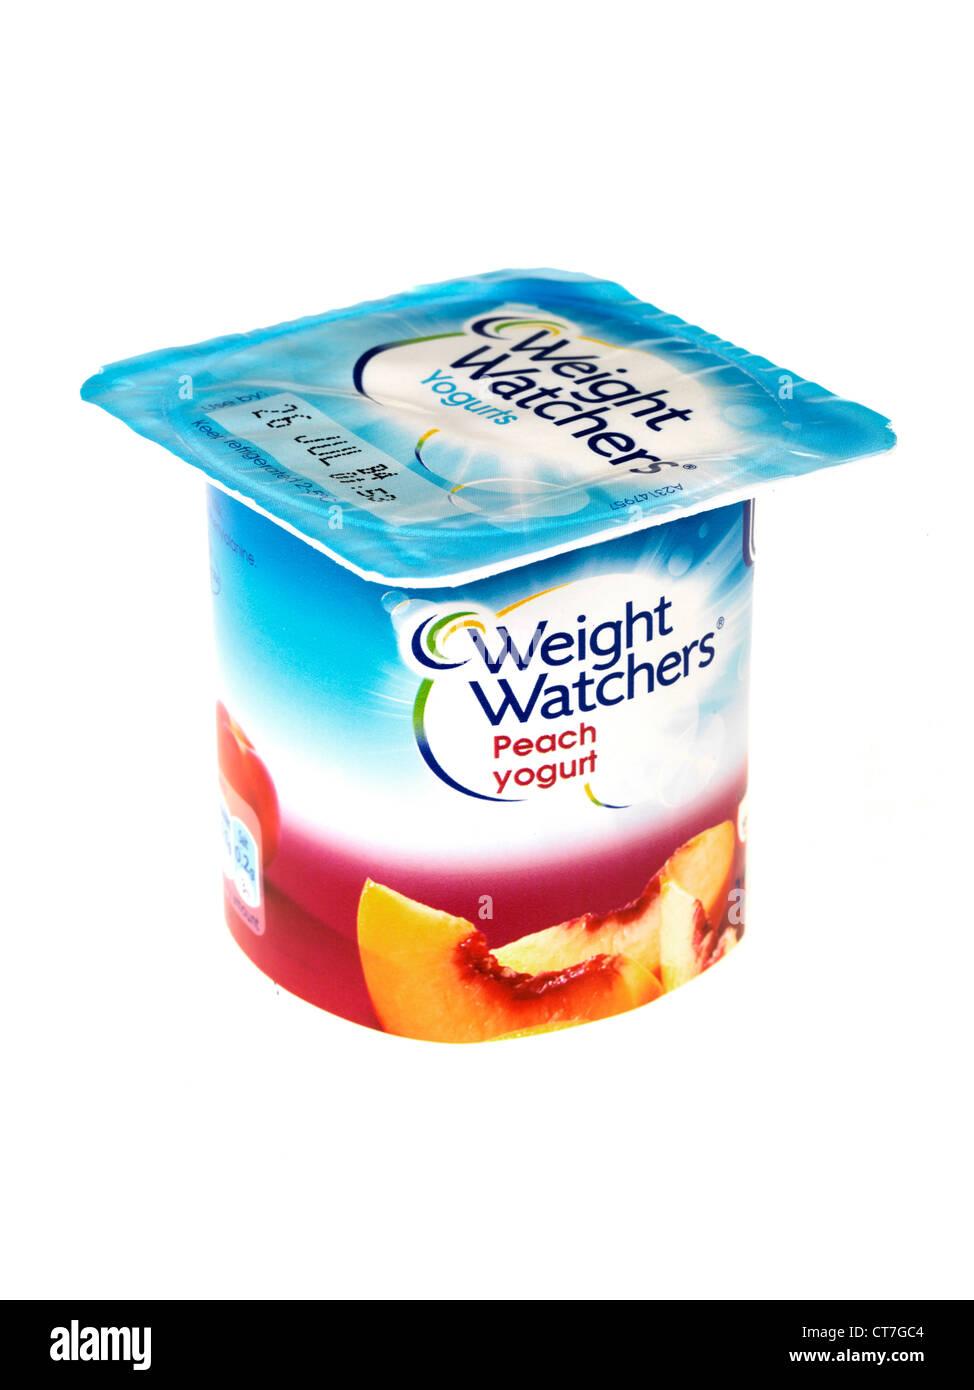 Weight Watchers Peach Yogurt - Stock Image